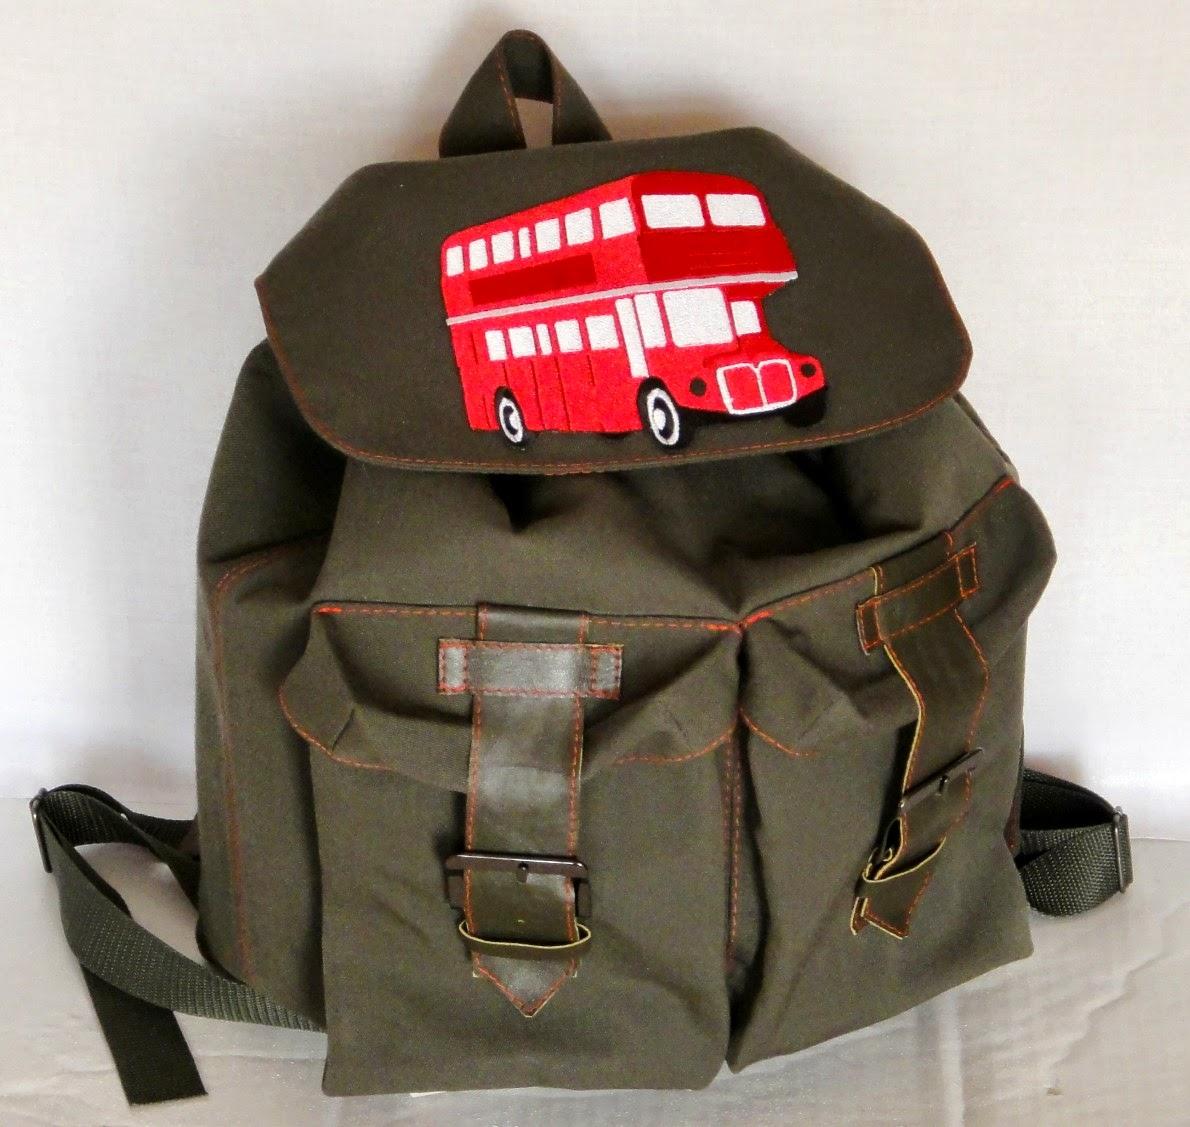 Городской молодежный рюкзак оливковый, цвета хаки подарок подростку